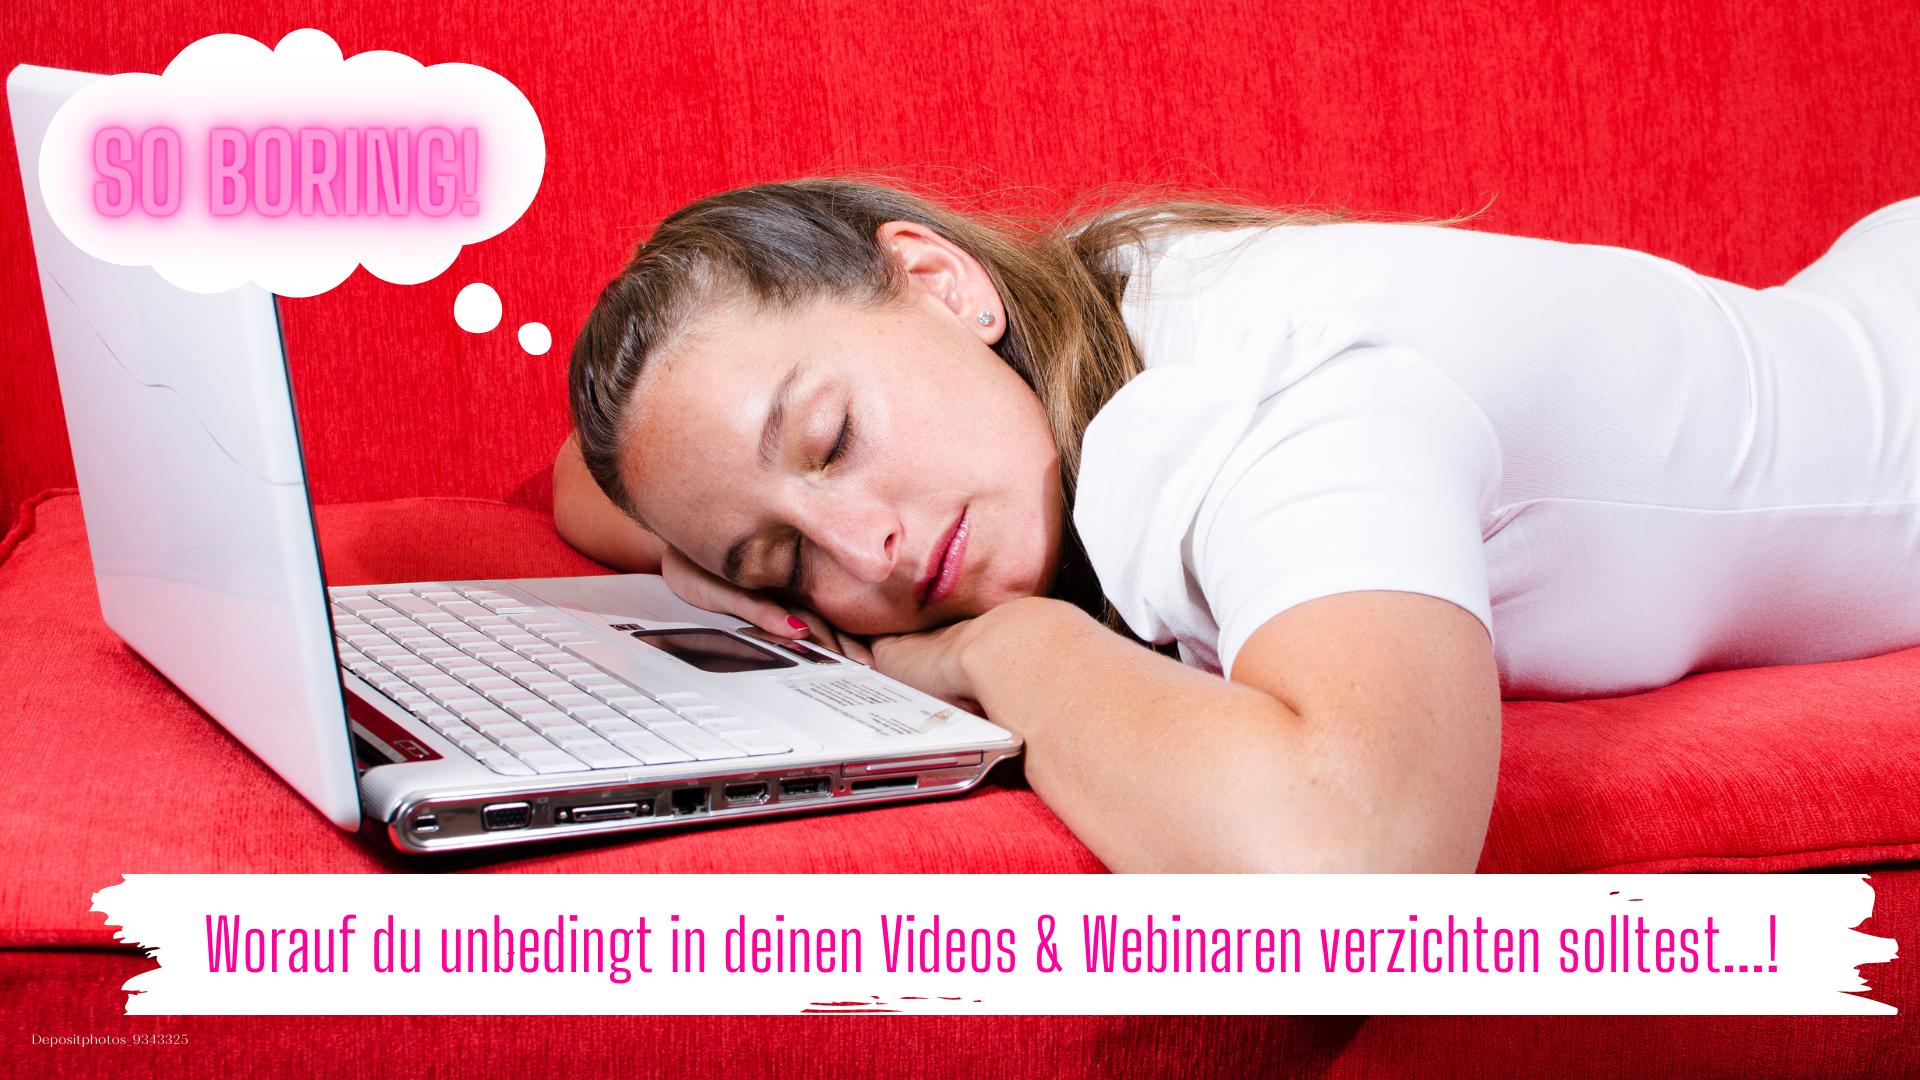 Worauf du unbedingt in deinen Videos & Webinaren verzichten solltest!